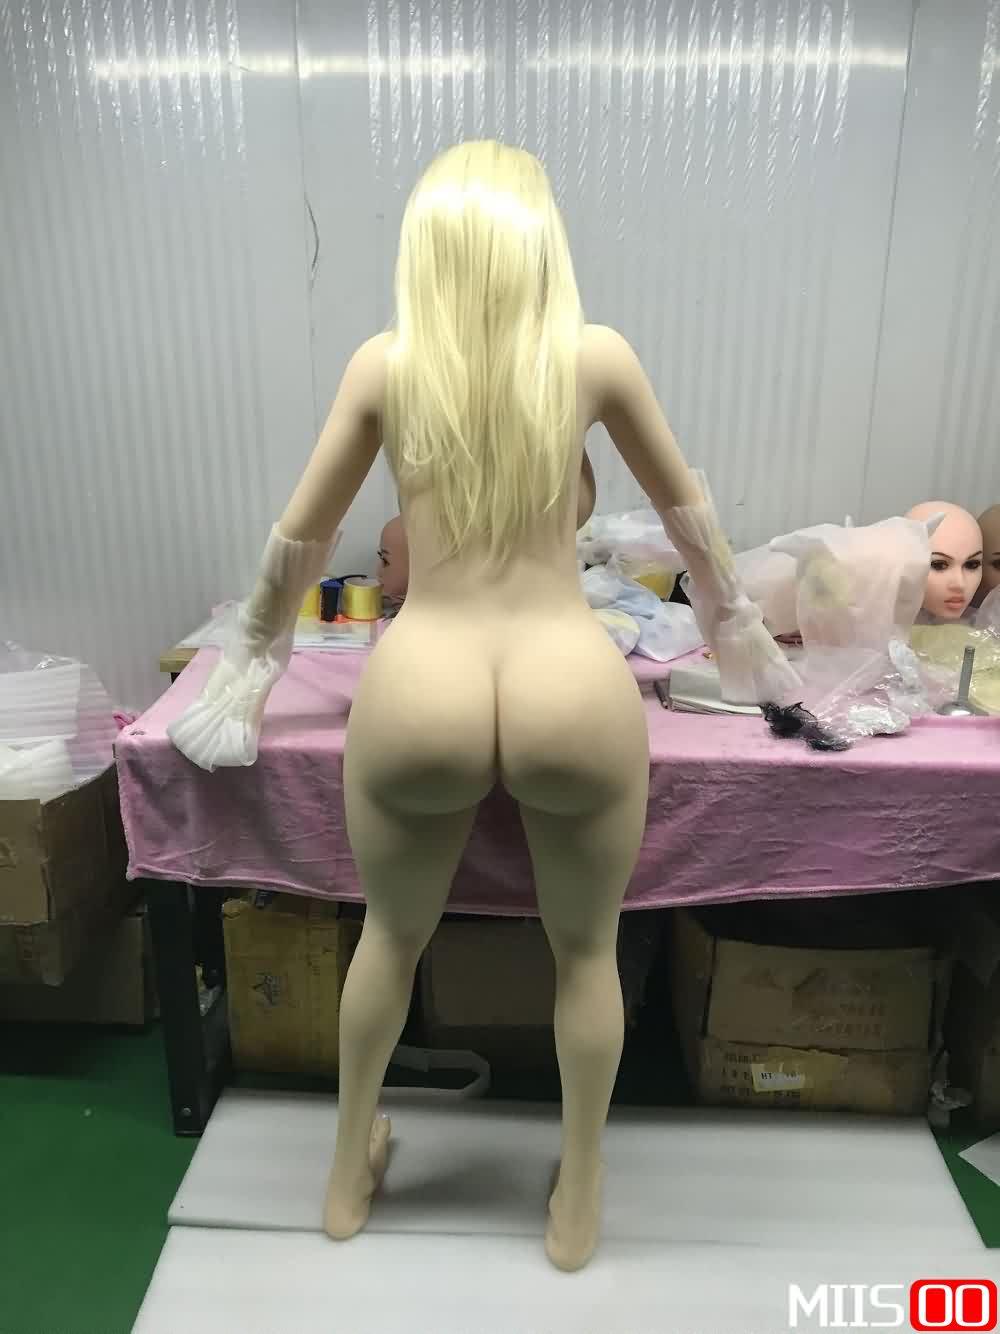 Sex Doll Gallery-MiisooDoll